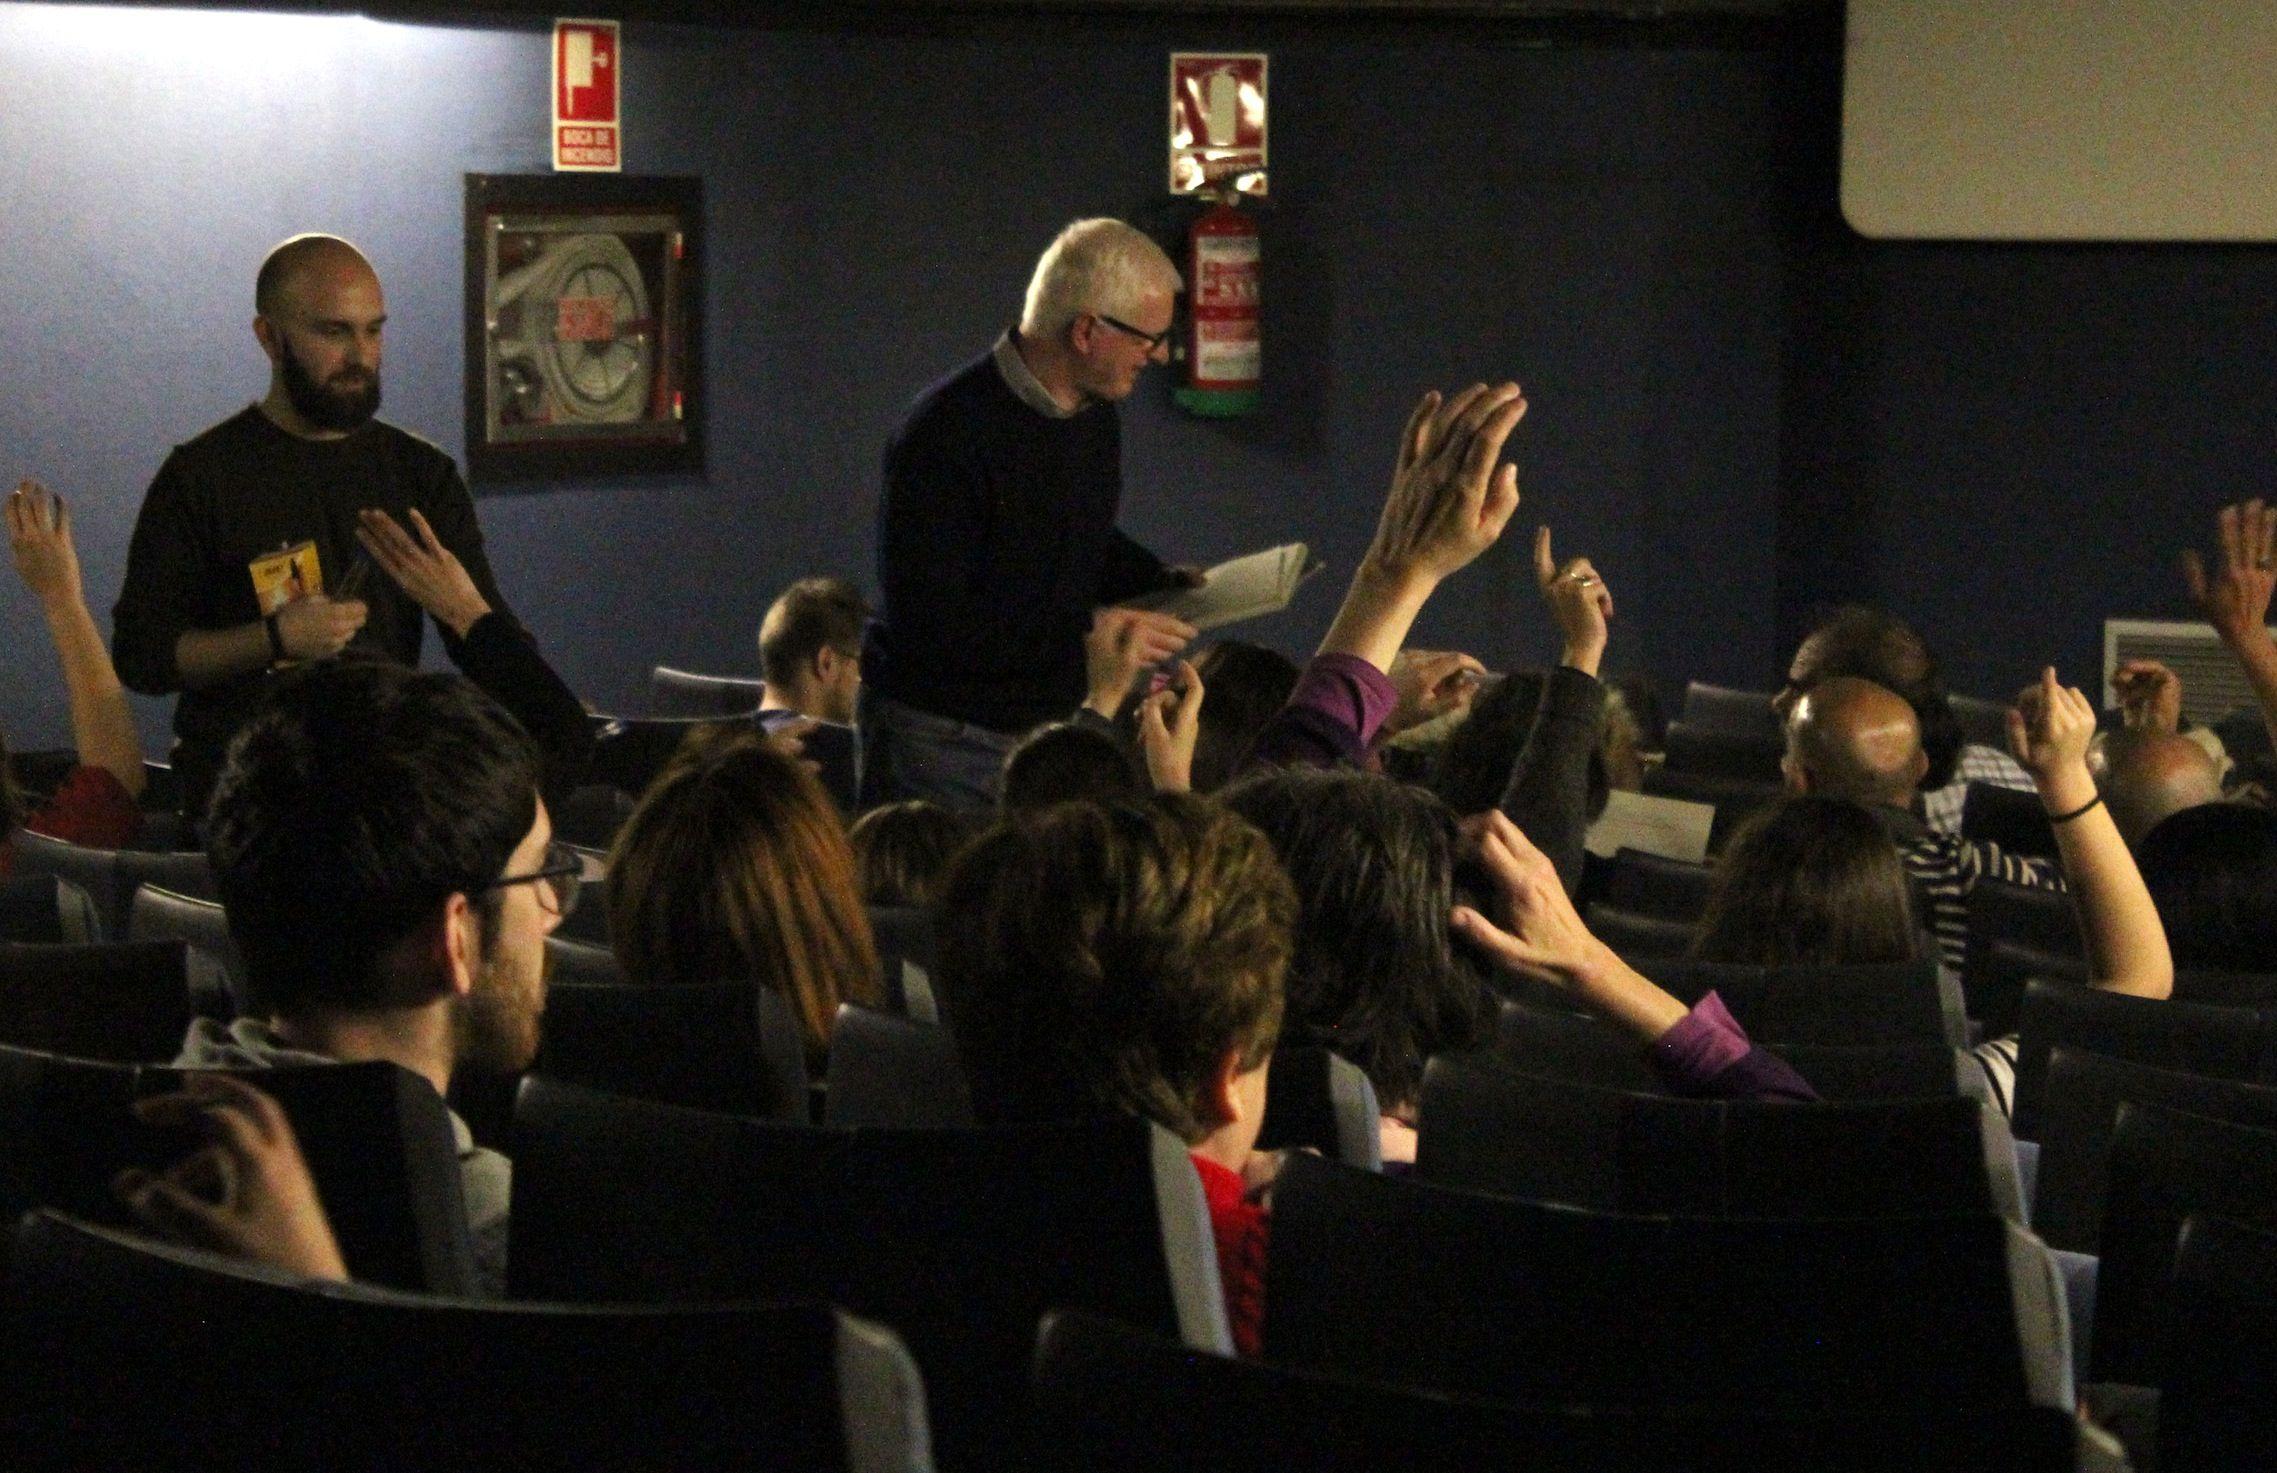 Sesión de recogida de datos para la investigación del Grupo GIDYC del CEU, con Miguel Ángel Font (director del corto) y Josep Solves (investigador principal).